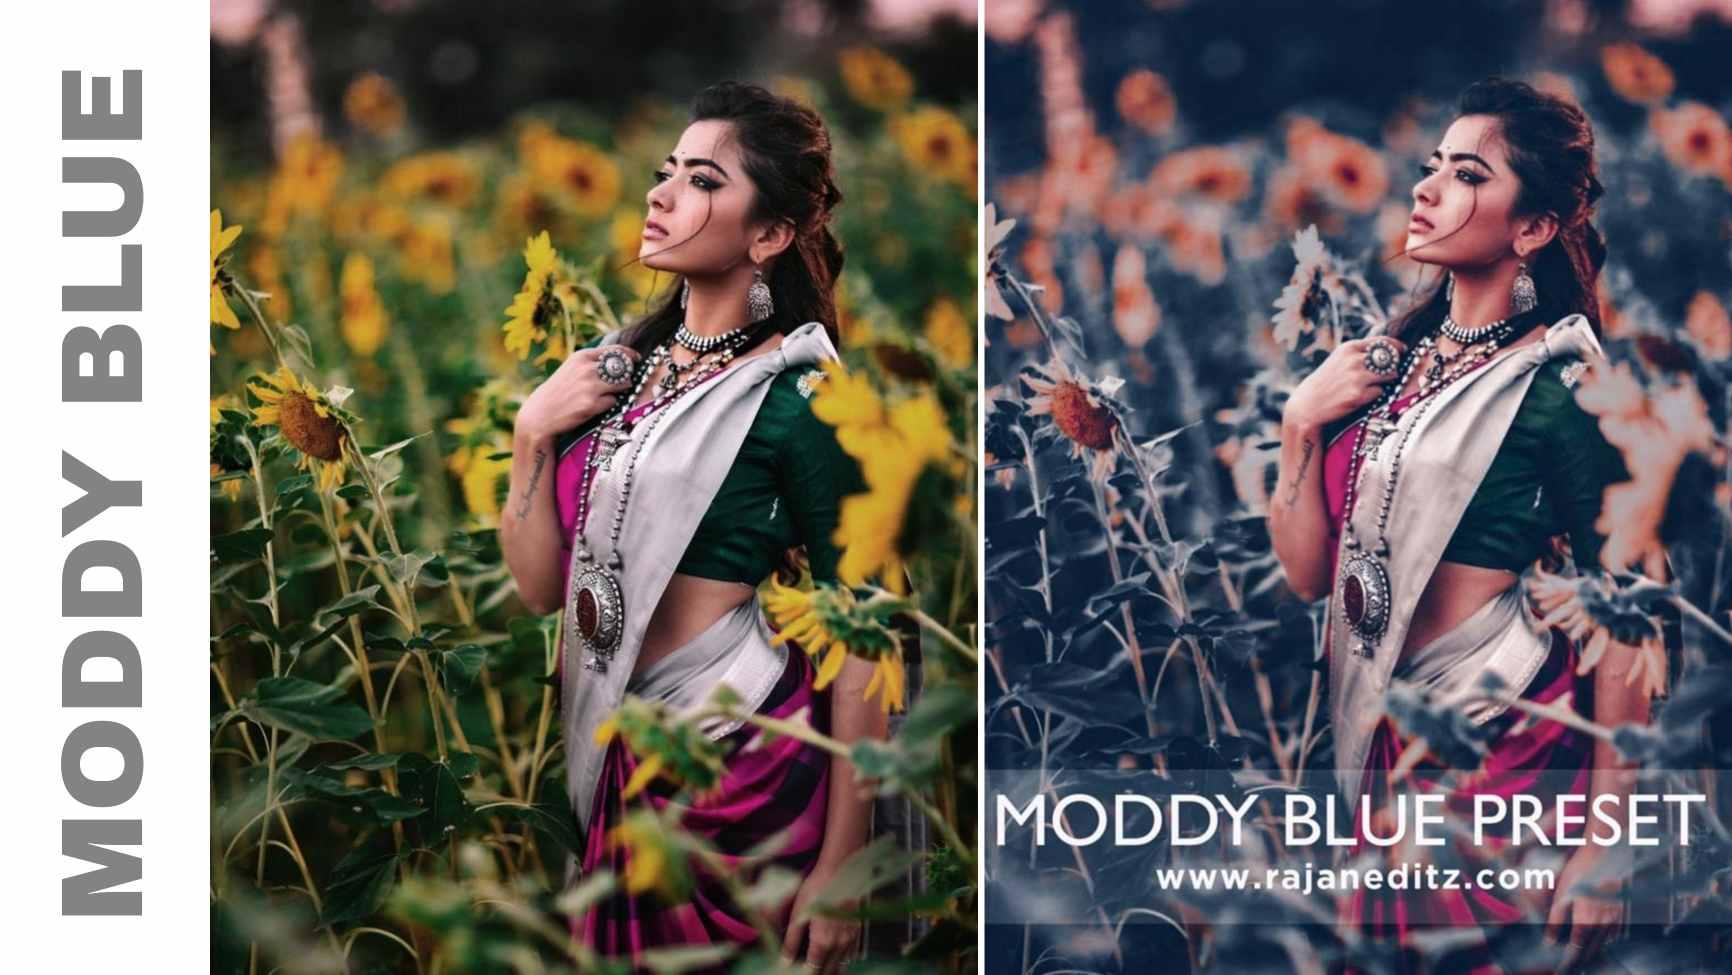 Moddy blue preset THUMBNAIL